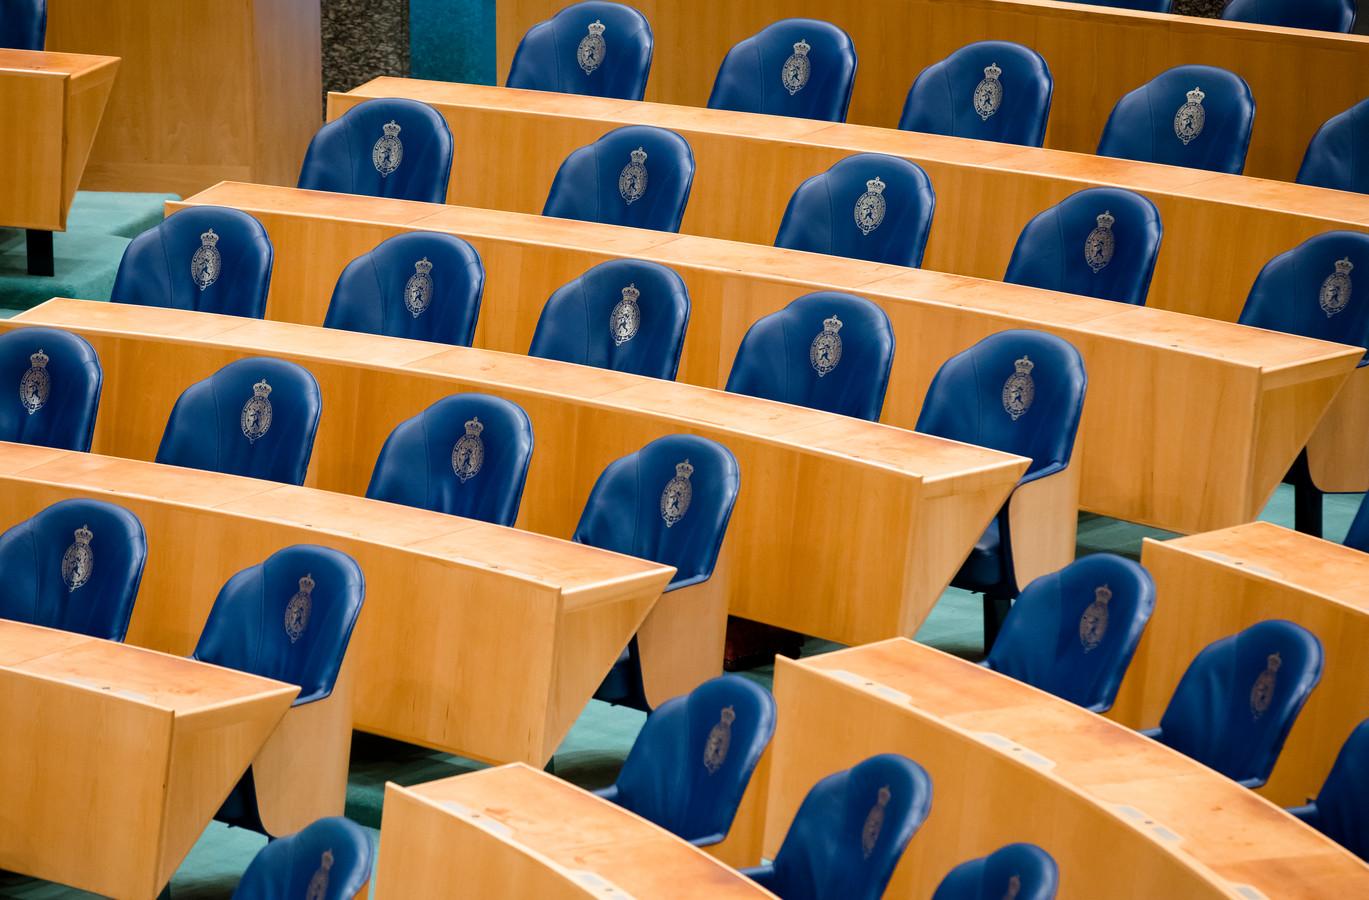 De Tweede Kamer kent 150 volksvertegenwoordigers. Dat lijkt veel, maar in vergelijking met andere landen is het opvallend weinig. Steeds meer parlementariërs loopt het werk over de schoenen.